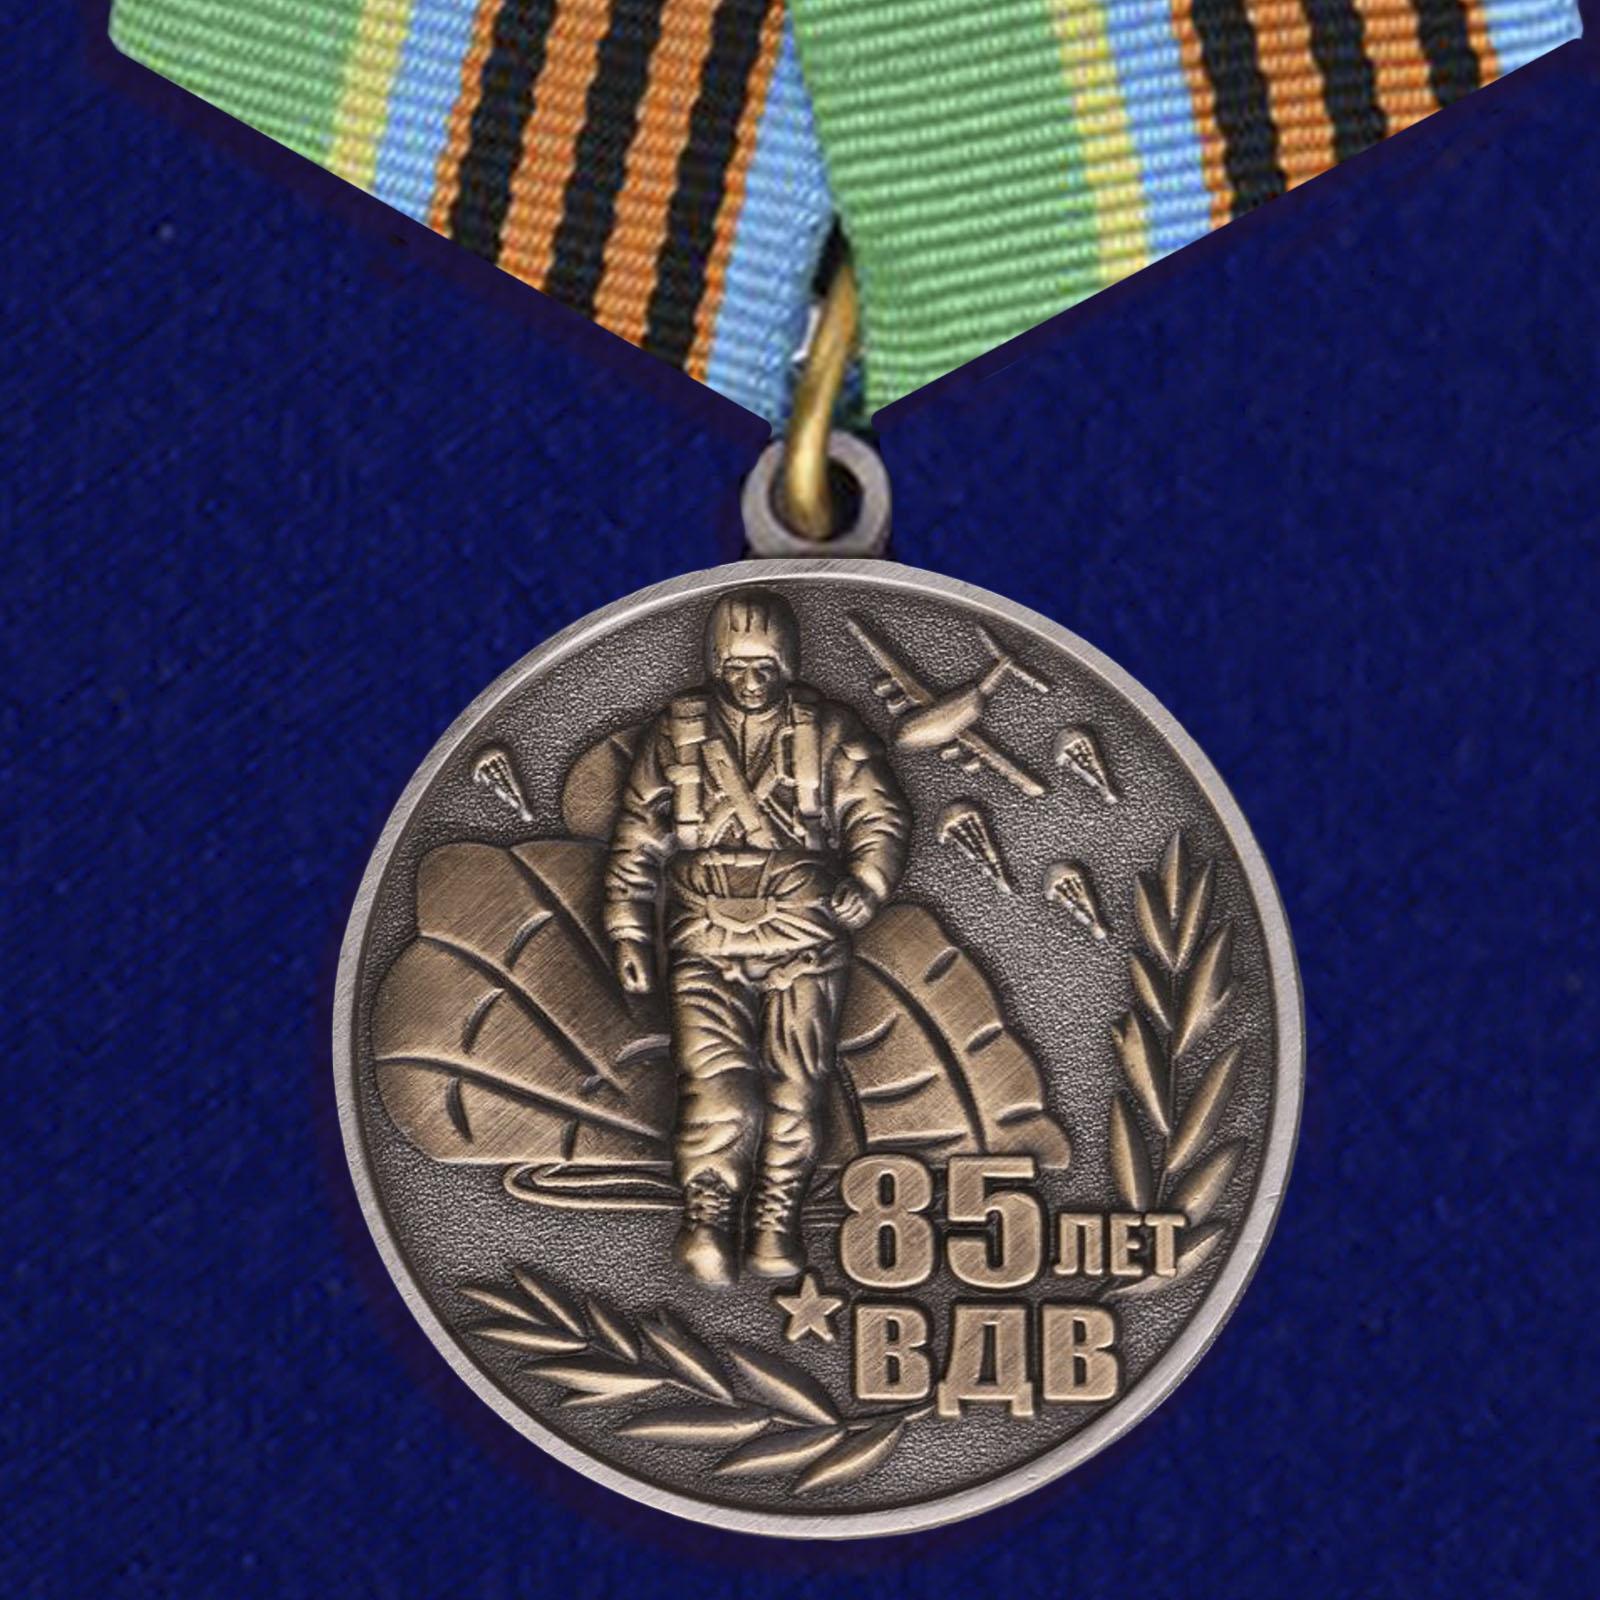 Купить медаль ВДВ на колодке на подставке  с доставкой в ваш город